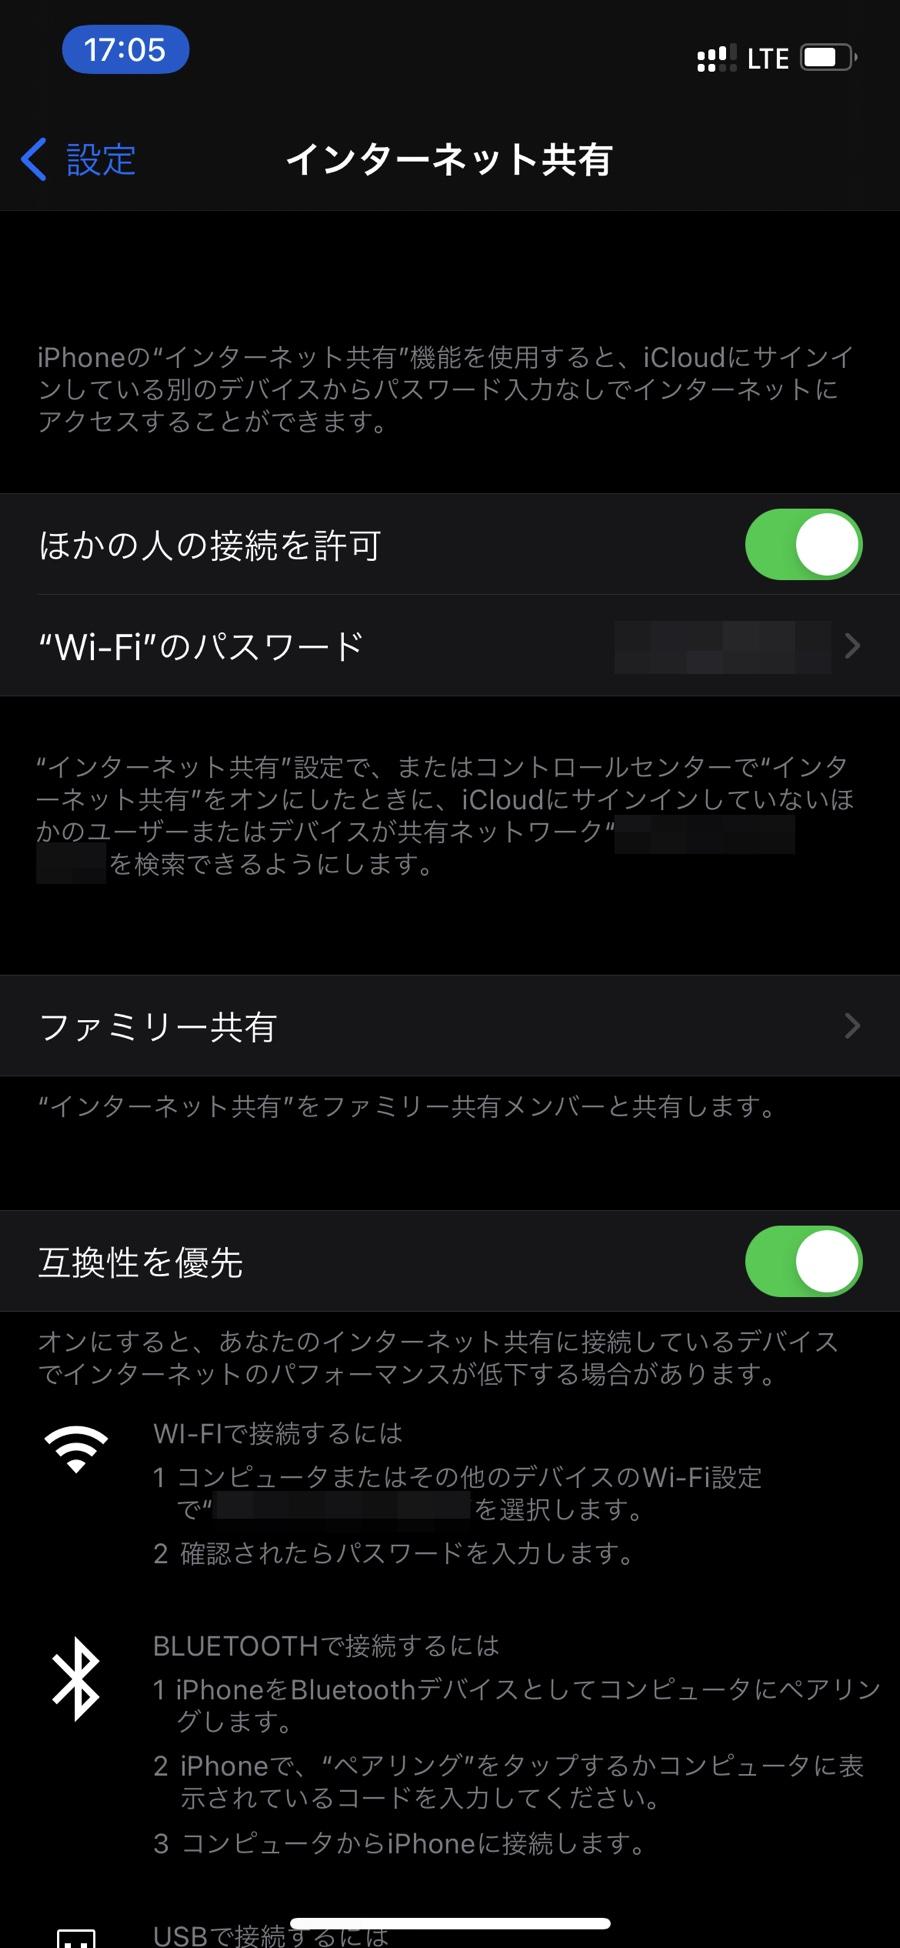 Wi-Fiが2.4GHz帯のみのため、iPhone 12 Proのテザリングに頼ることにした